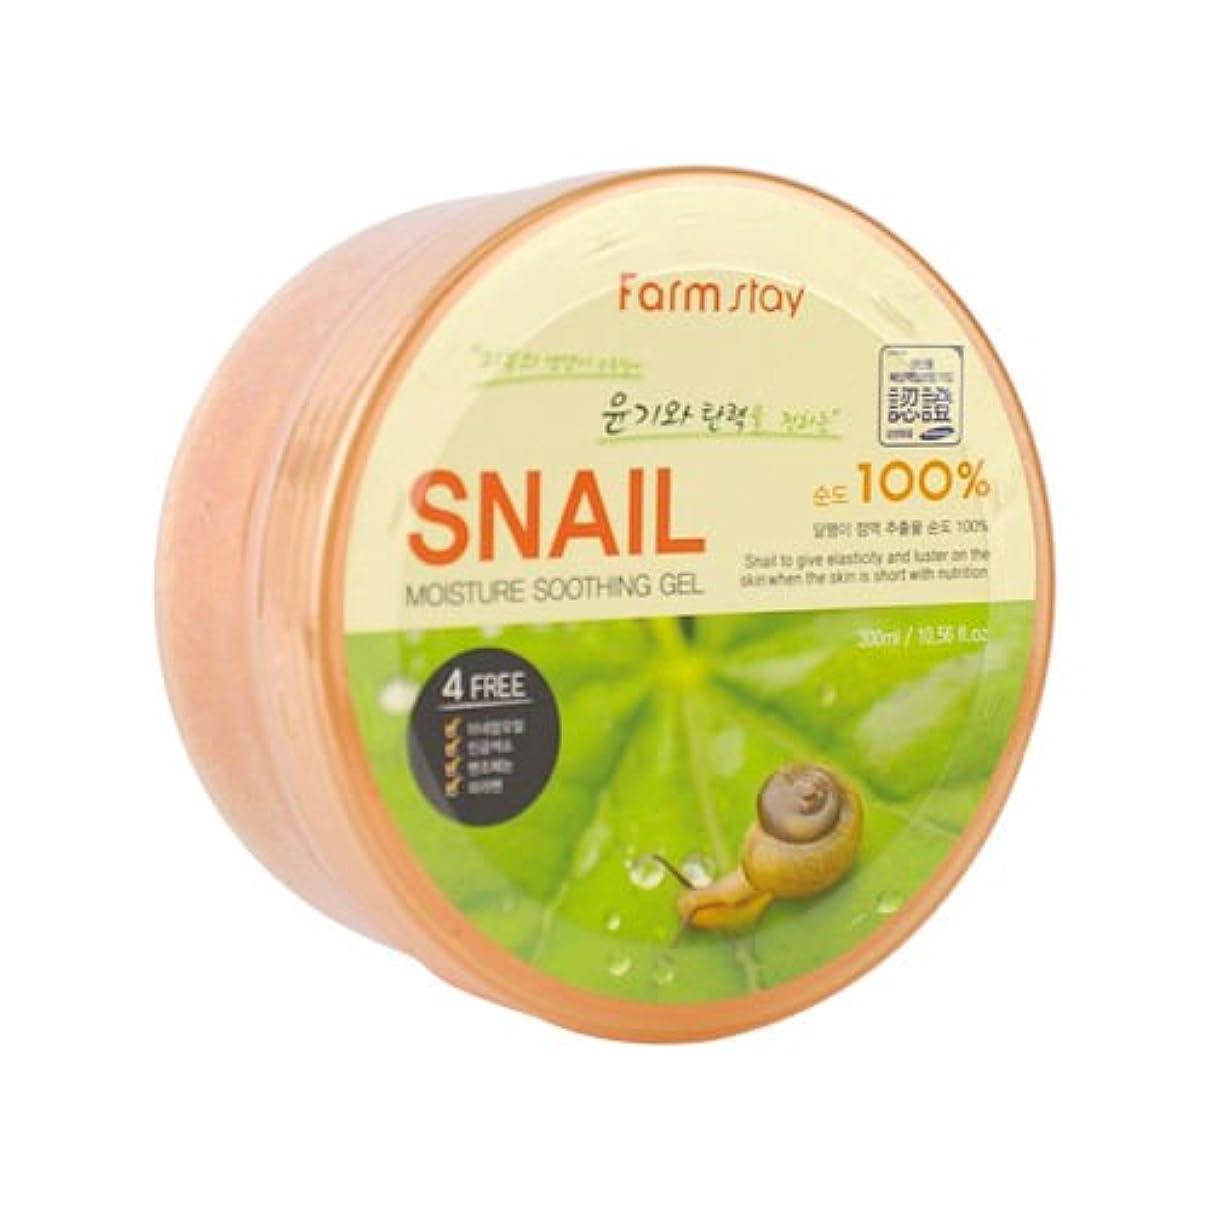 スペクトラムパシフィック説得Farm Stay Snail Moisture Soothing Gel 300ml /Snail extract 100%/Skin Glowing & Elasticity Up [並行輸入品]